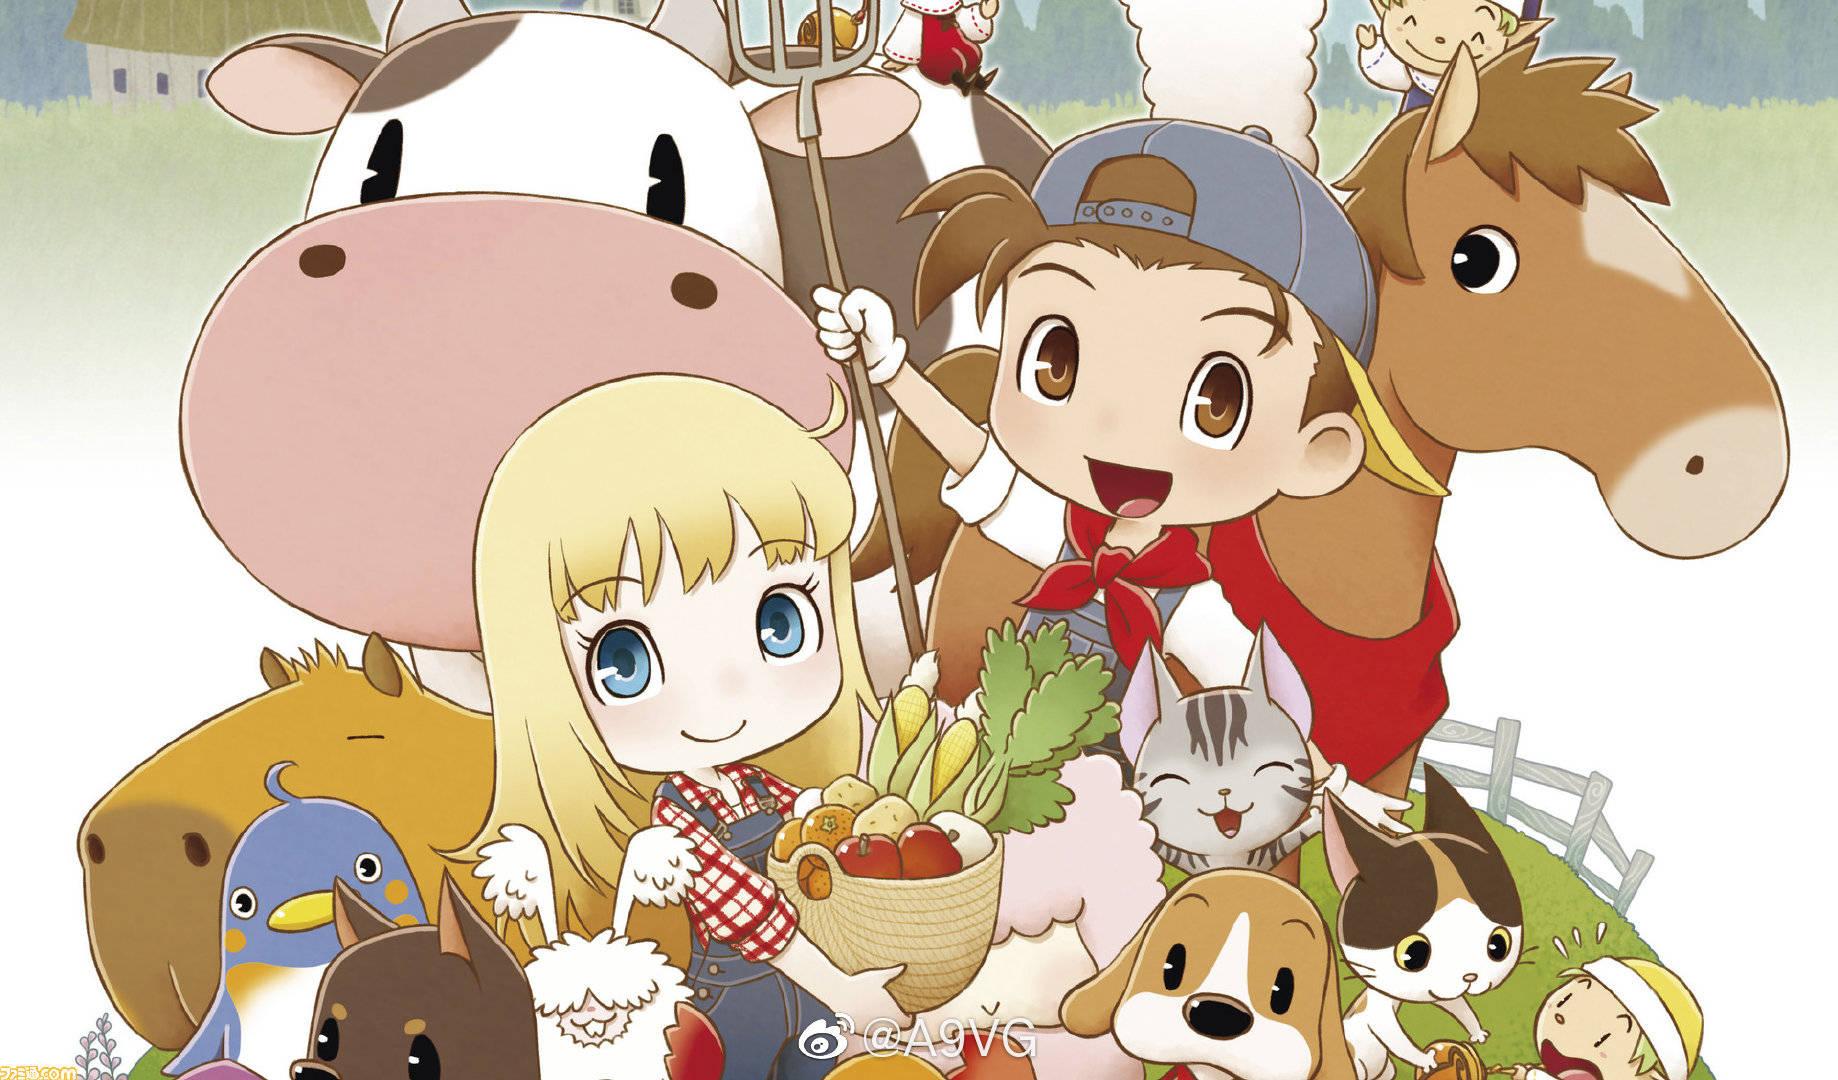 JPGlgIk - 牧物シリーズ最新作、Switch『牧場物語 再会のミネラルタウン』が2019年10月17日に発売決定!